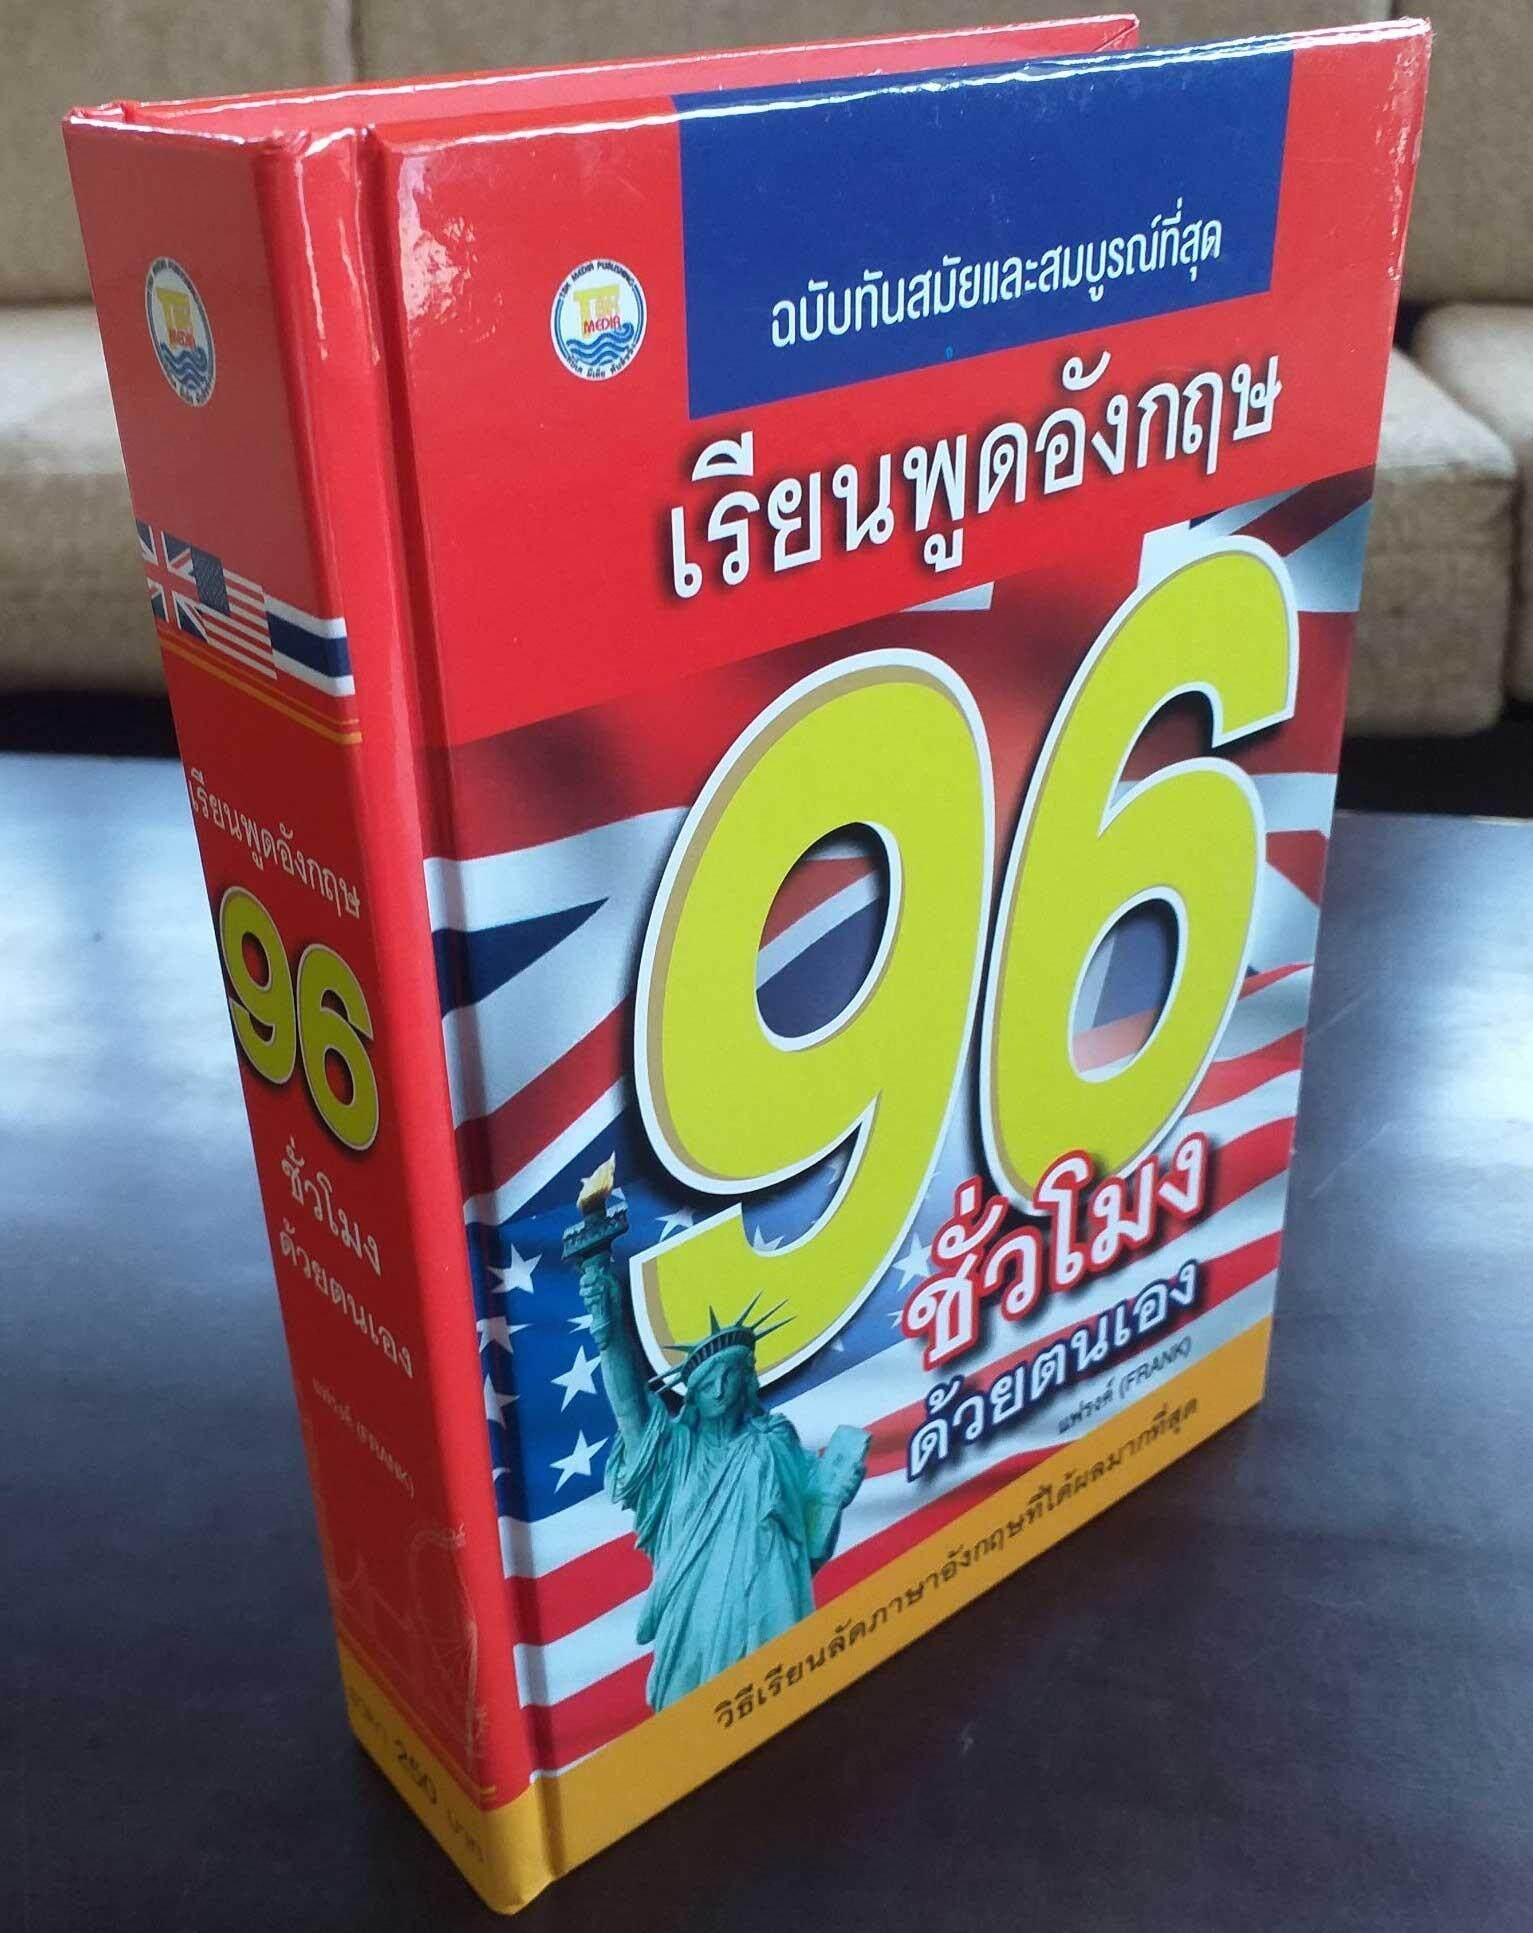 เรียนพูดอังกฤษ 96 ชั่วโมงด้วยตนเอง By Thaiqualitybooks.